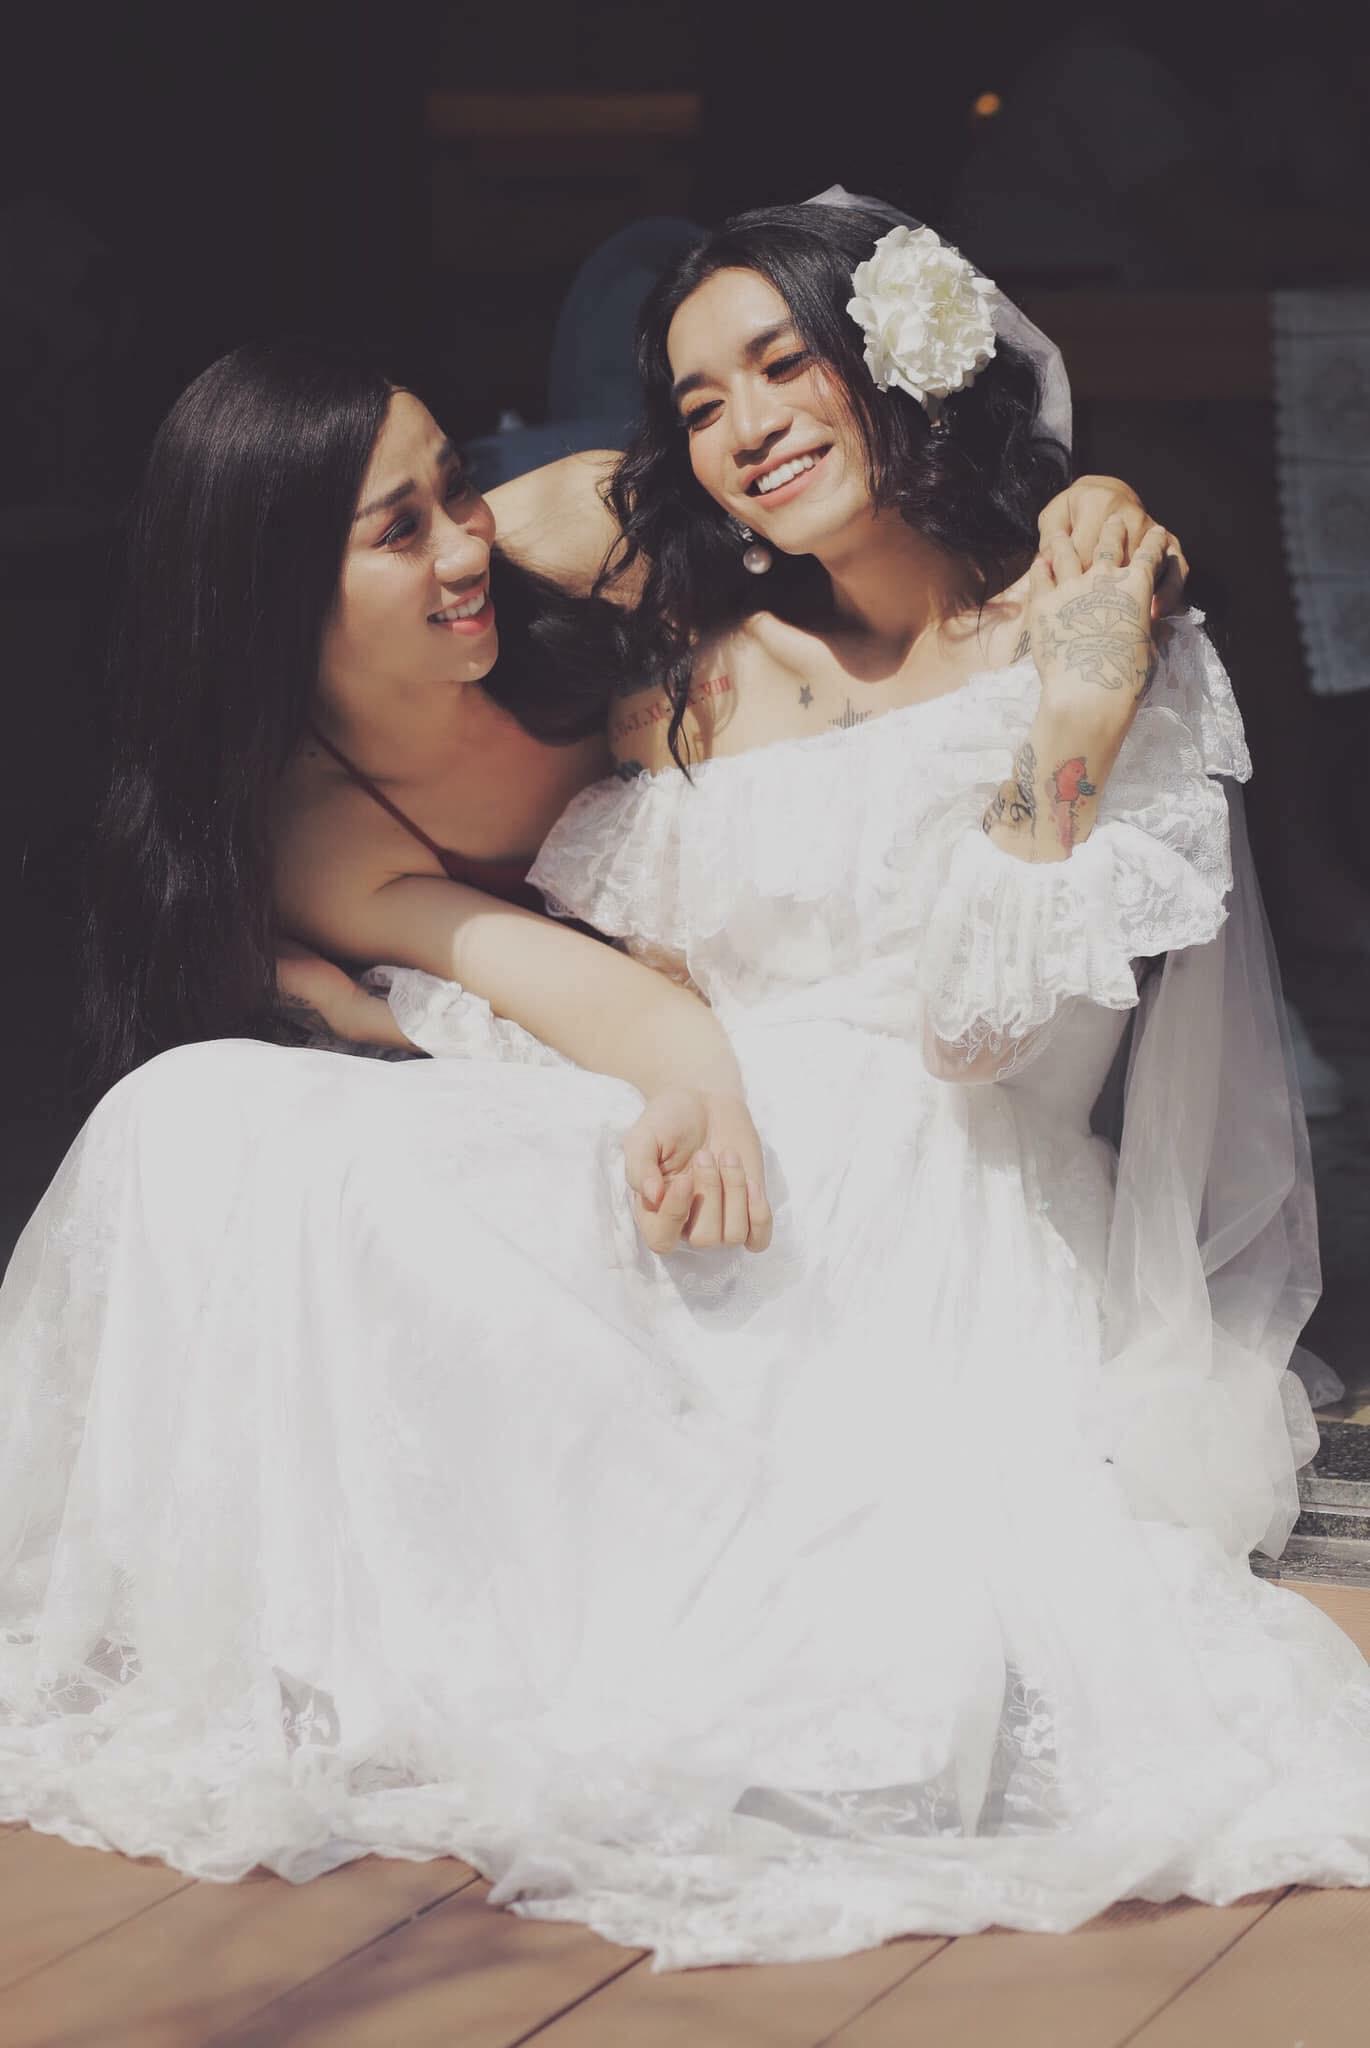 BB Trần lại làm con gái phải ghen tị: make-up sương sương, mặc váy cưới xinh đẹp hết phần người khác! - Ảnh 7.